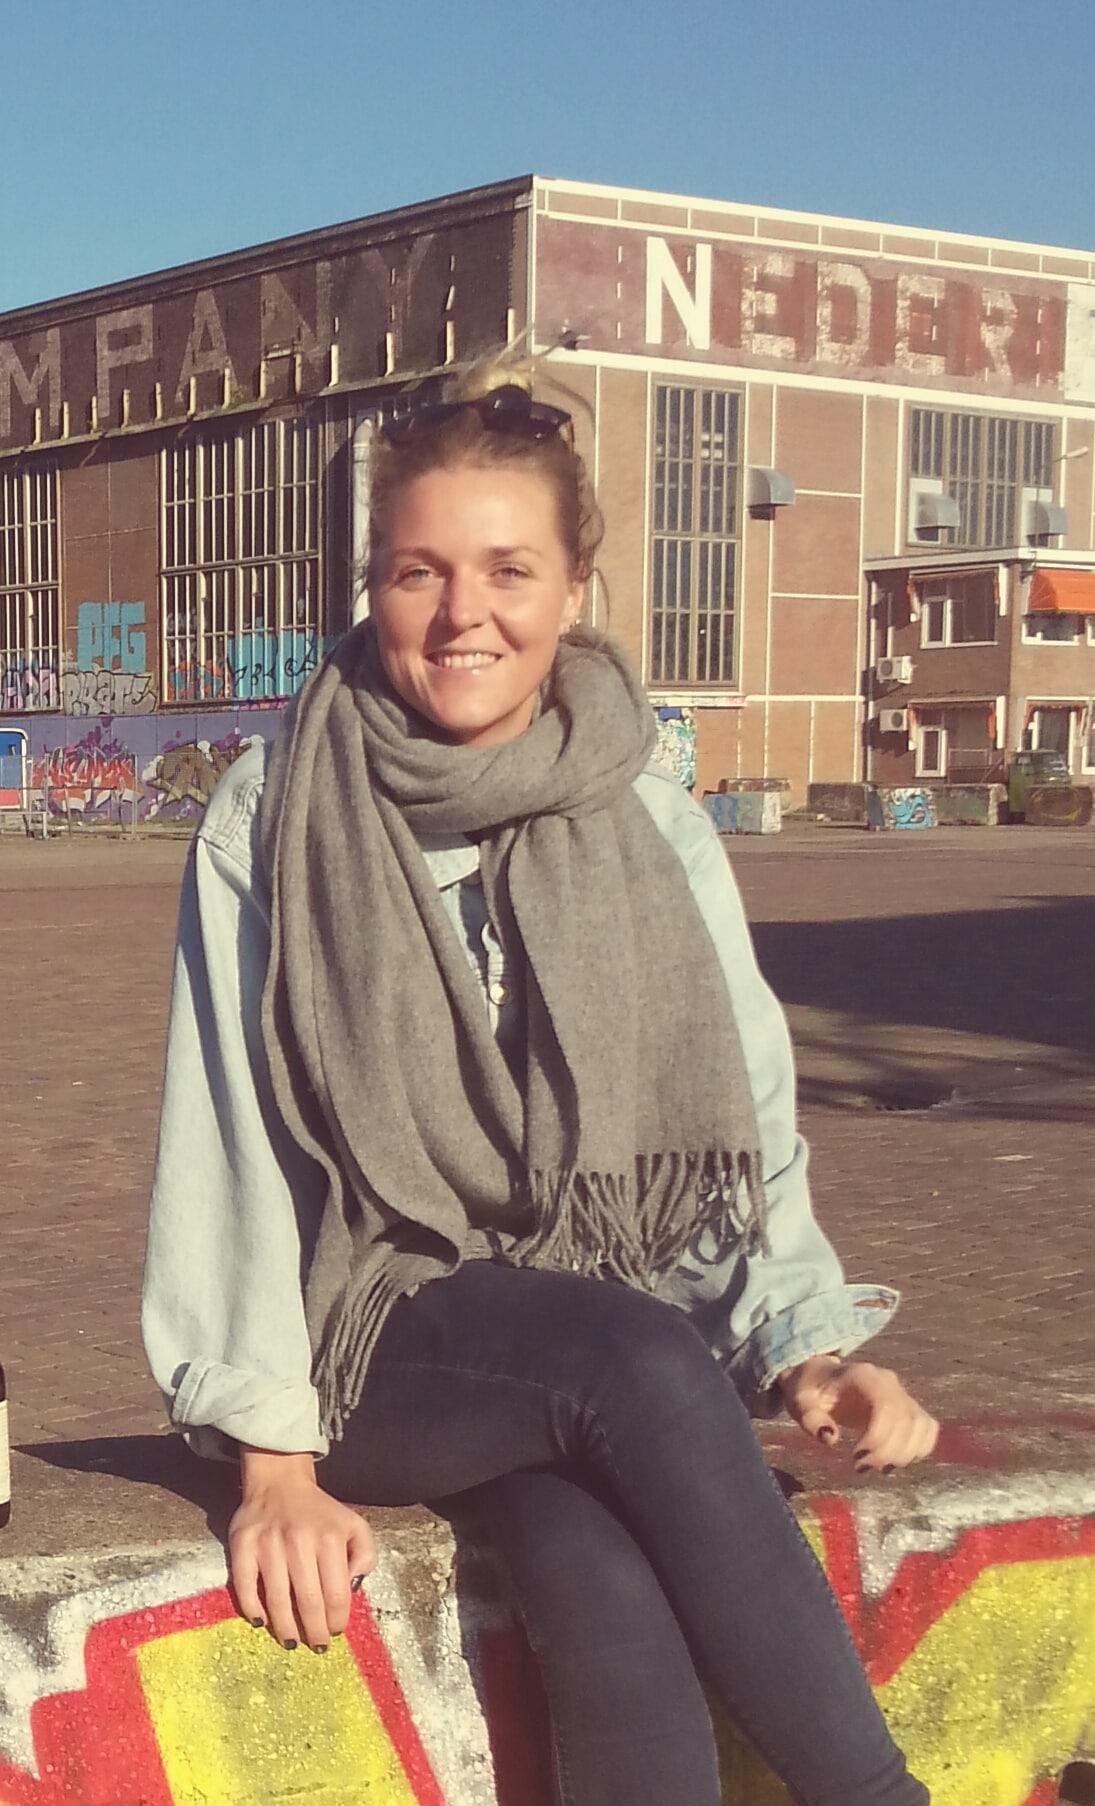 Mai From Copenhagen, Denmark